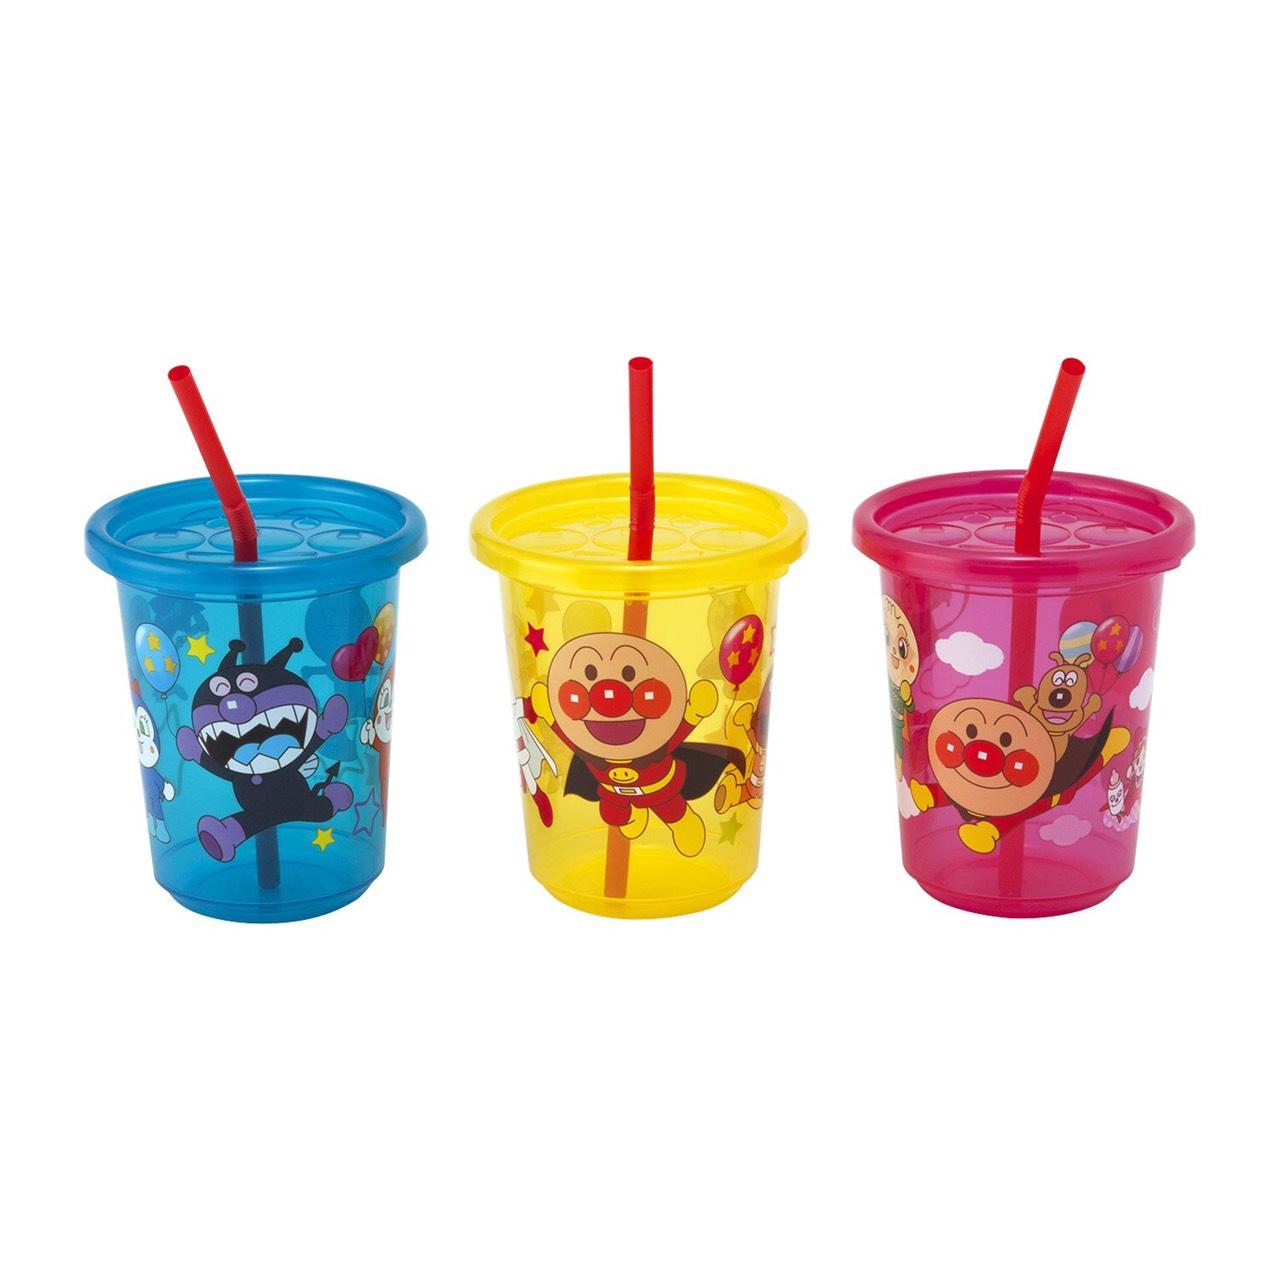 ชุดแก้วน้ำพร้อมฝาปิดและหลอดดื่มน้ำ Anpanman Anpanman Straw Cup Set (Pack of 3)